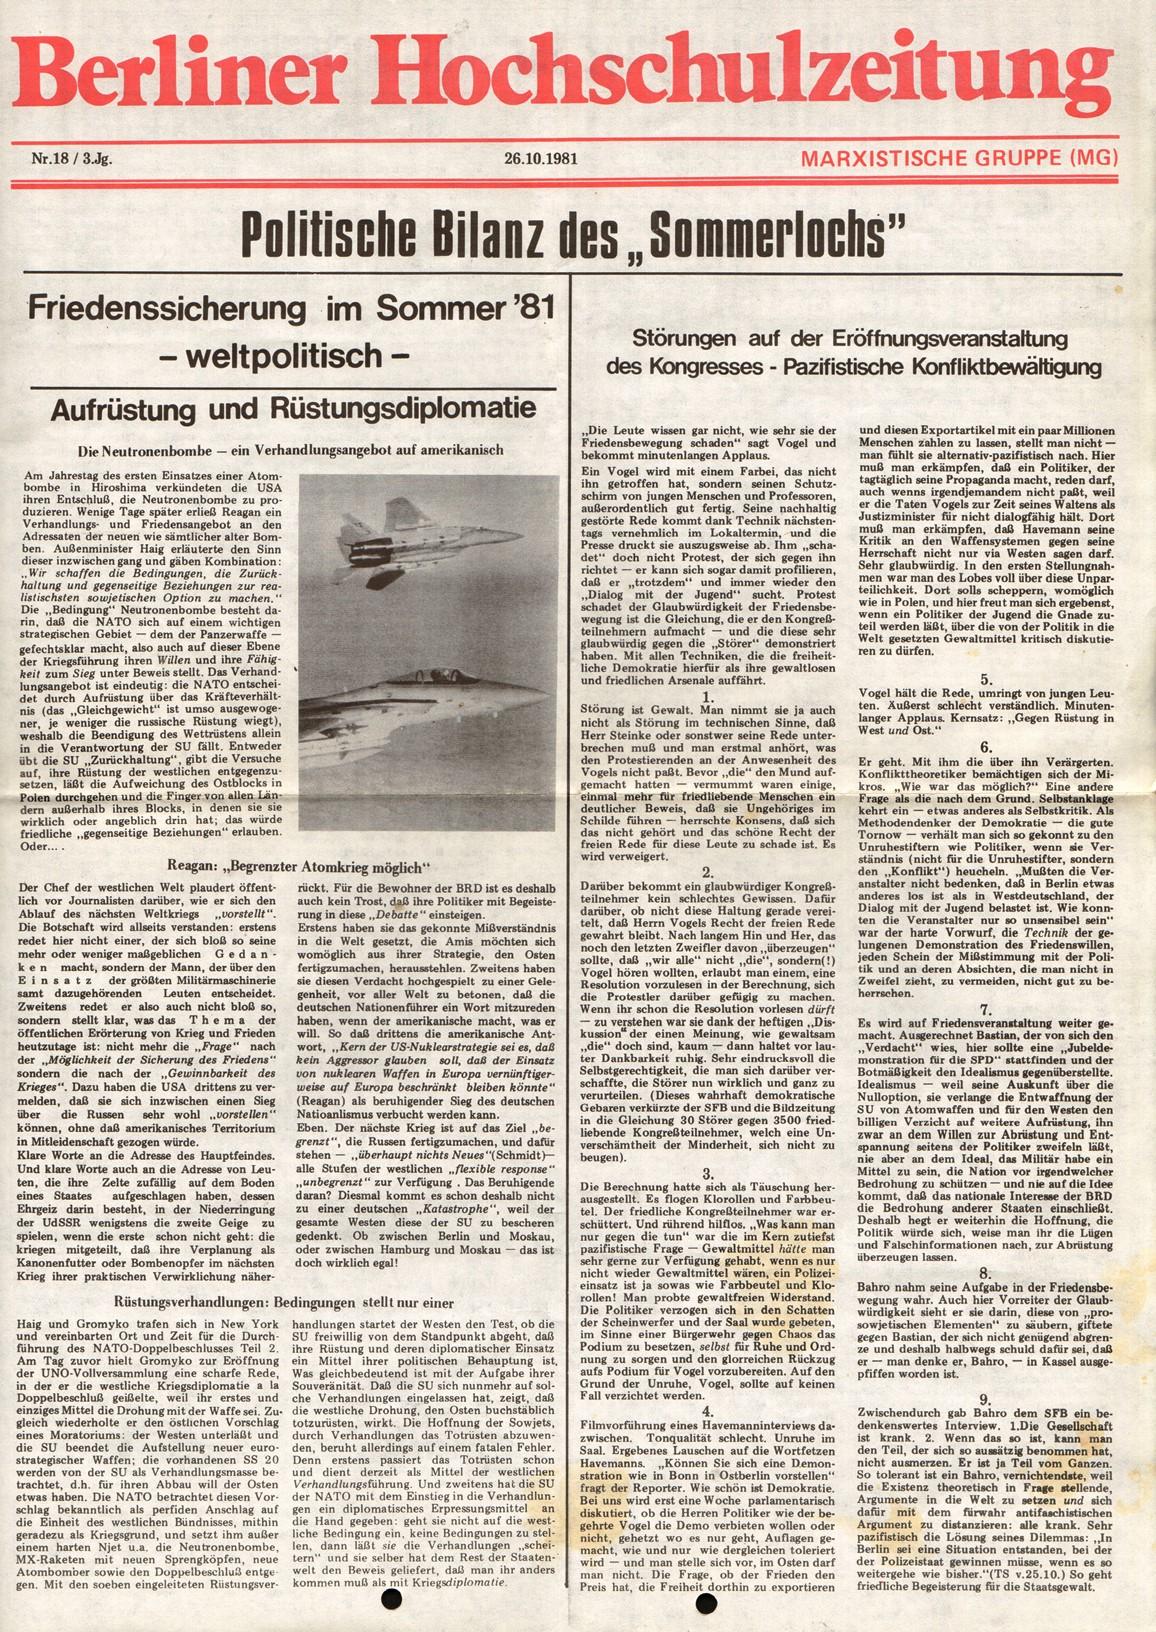 Berlin_MG_Hochschulzeitung_19811026_01